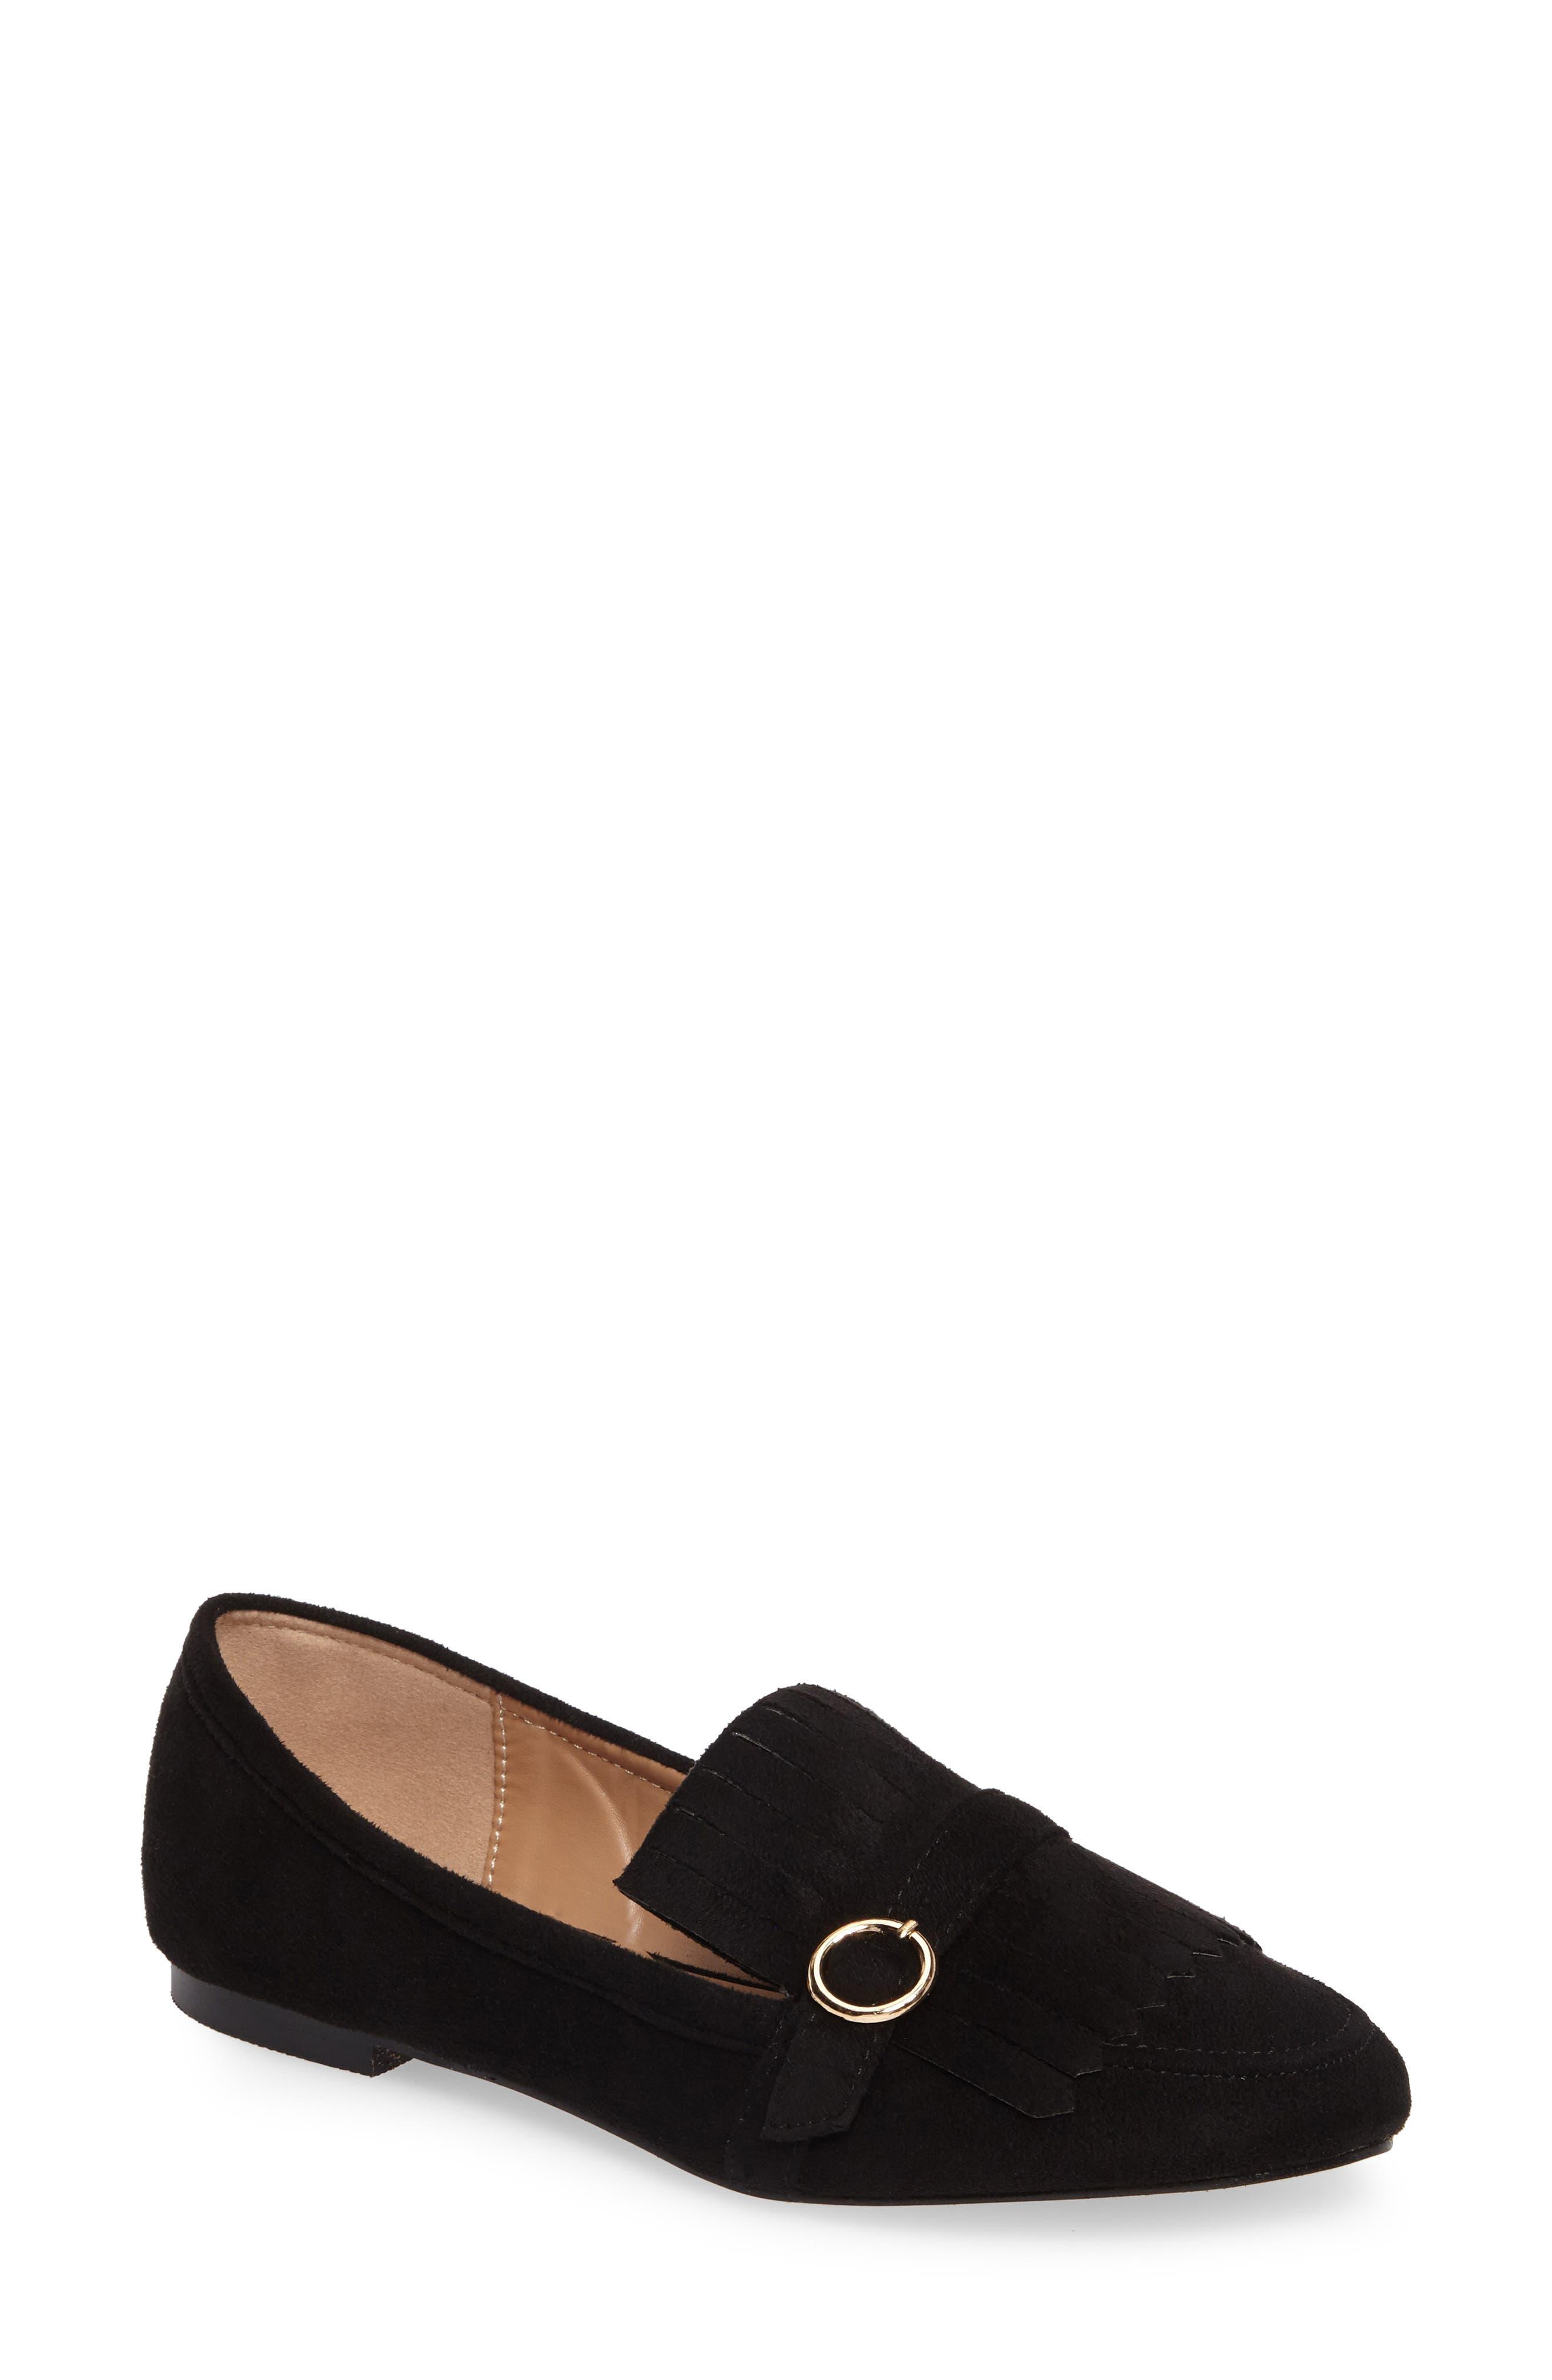 Callisto Nixxon Loafer Flat (Women)